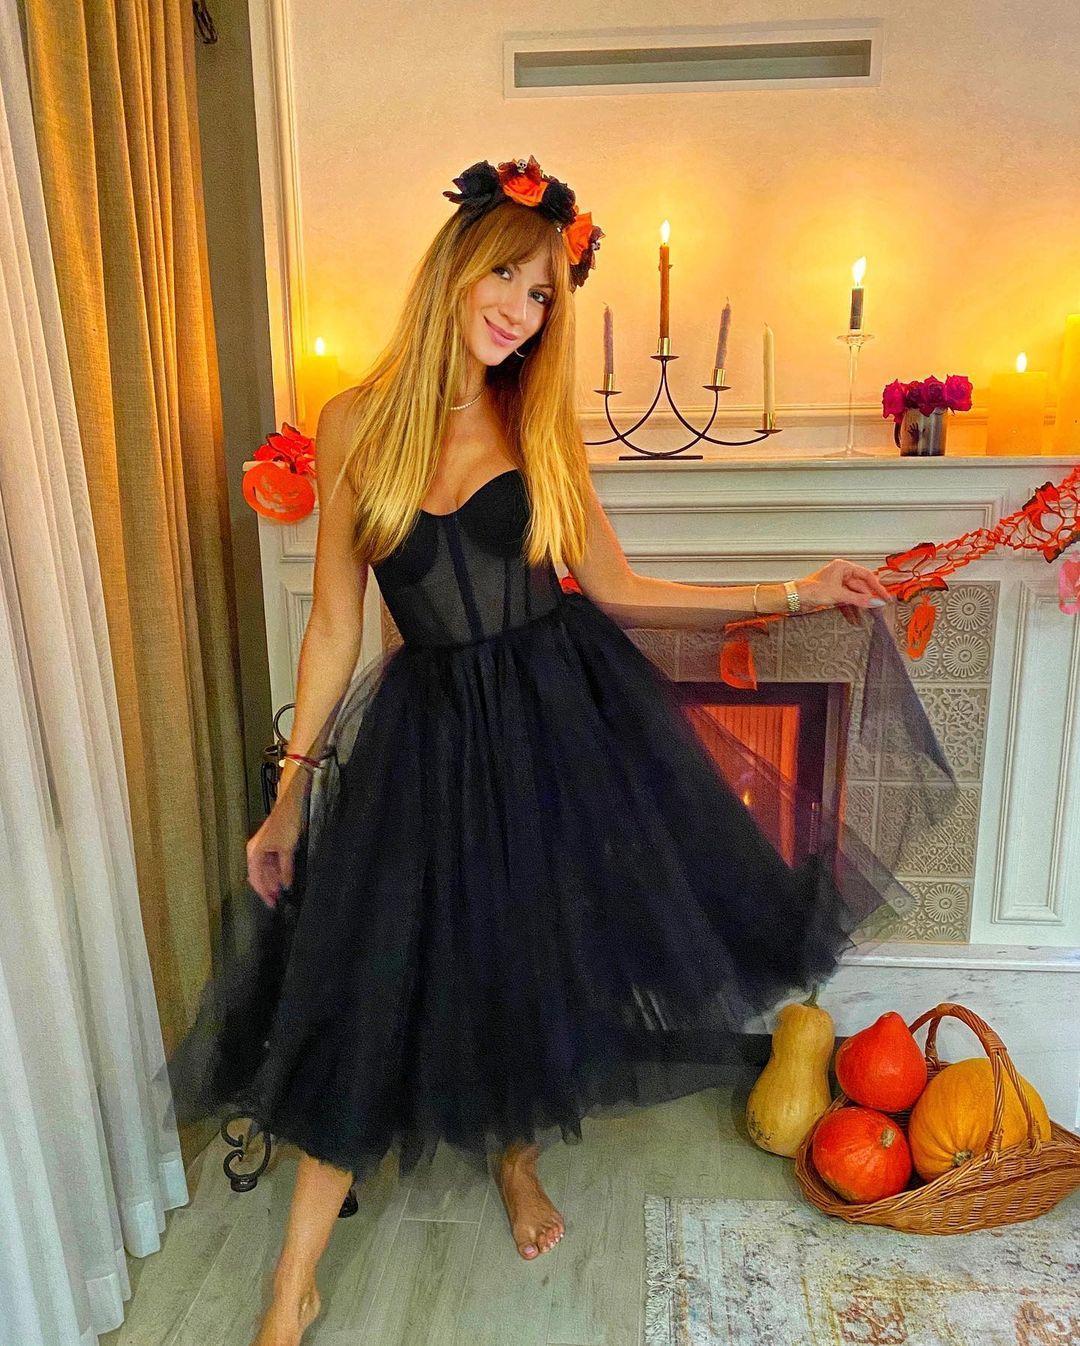 Леся Нікітюк на Хелловін / фото instagram.com/lesia_nikituk